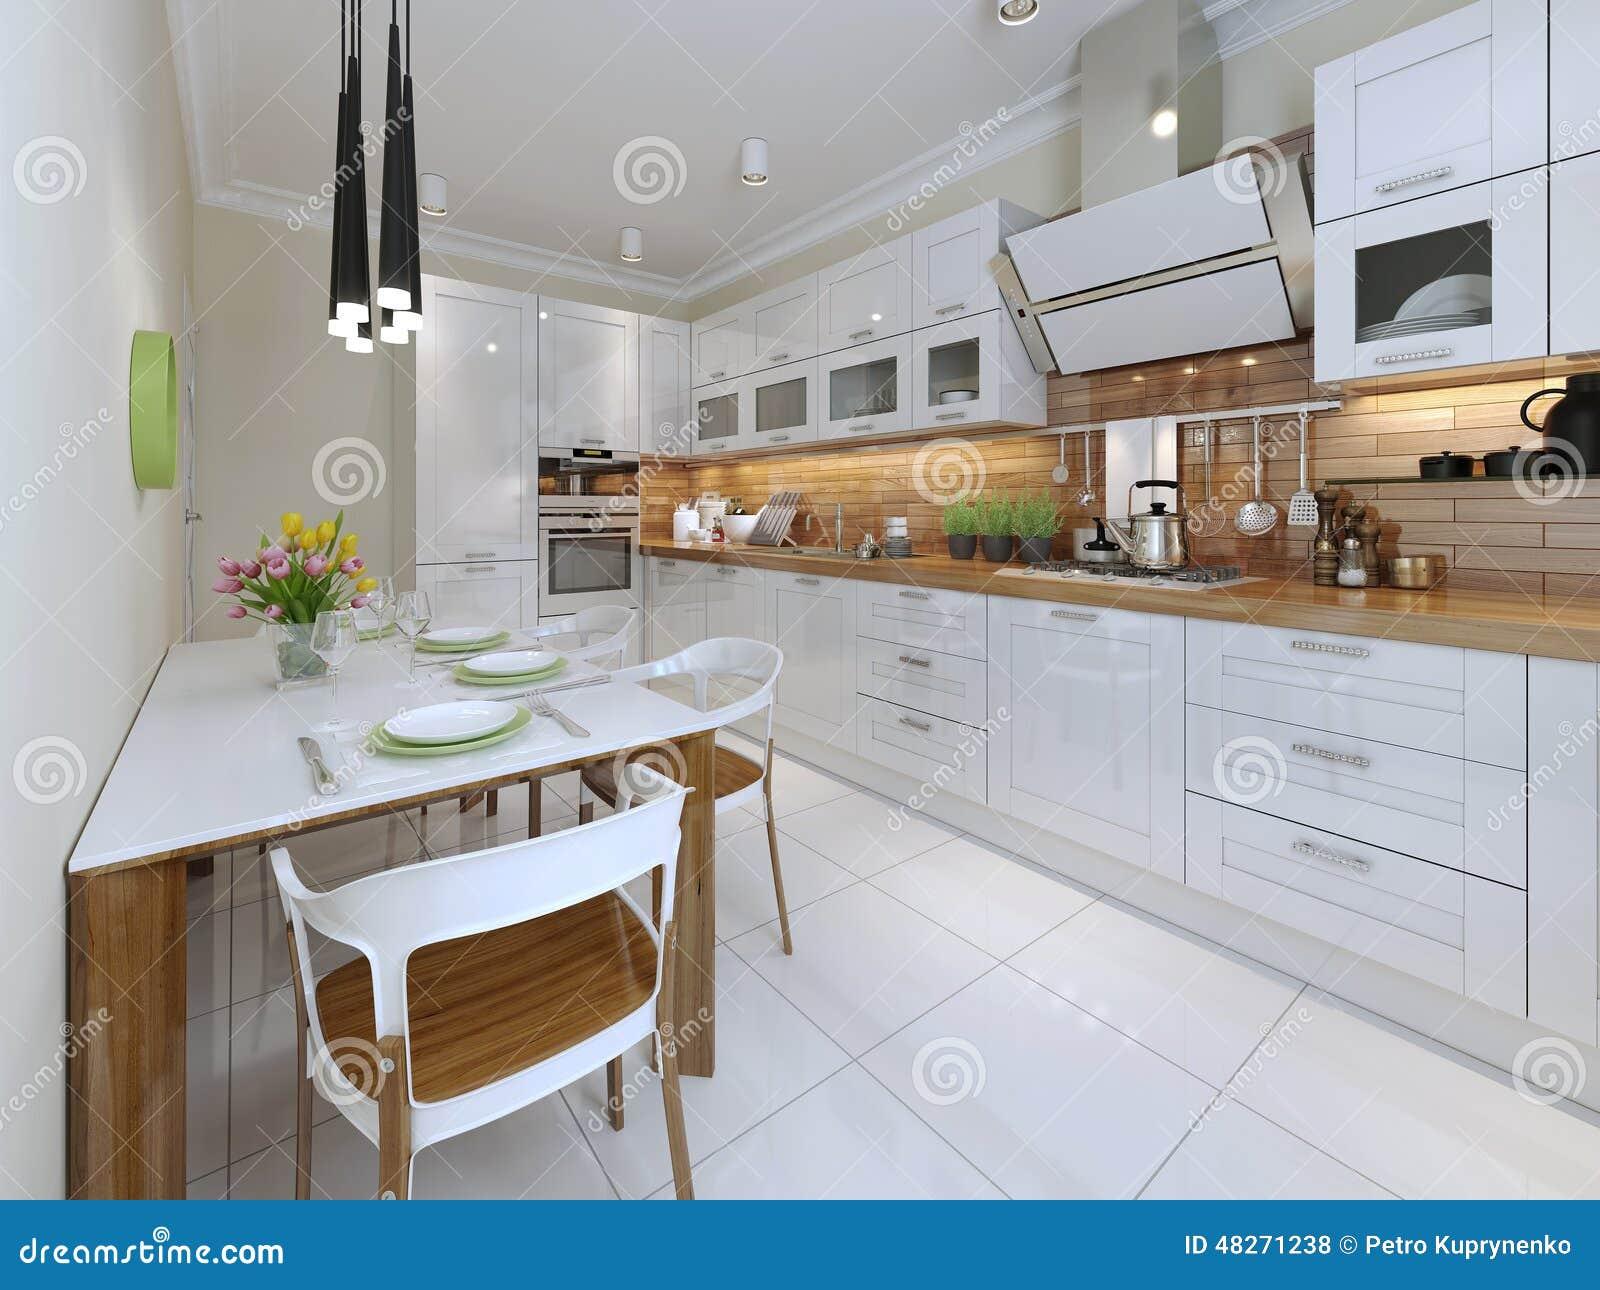 Stile Contemporaneo Della Cucina Fotografia Stock - Immagine ...